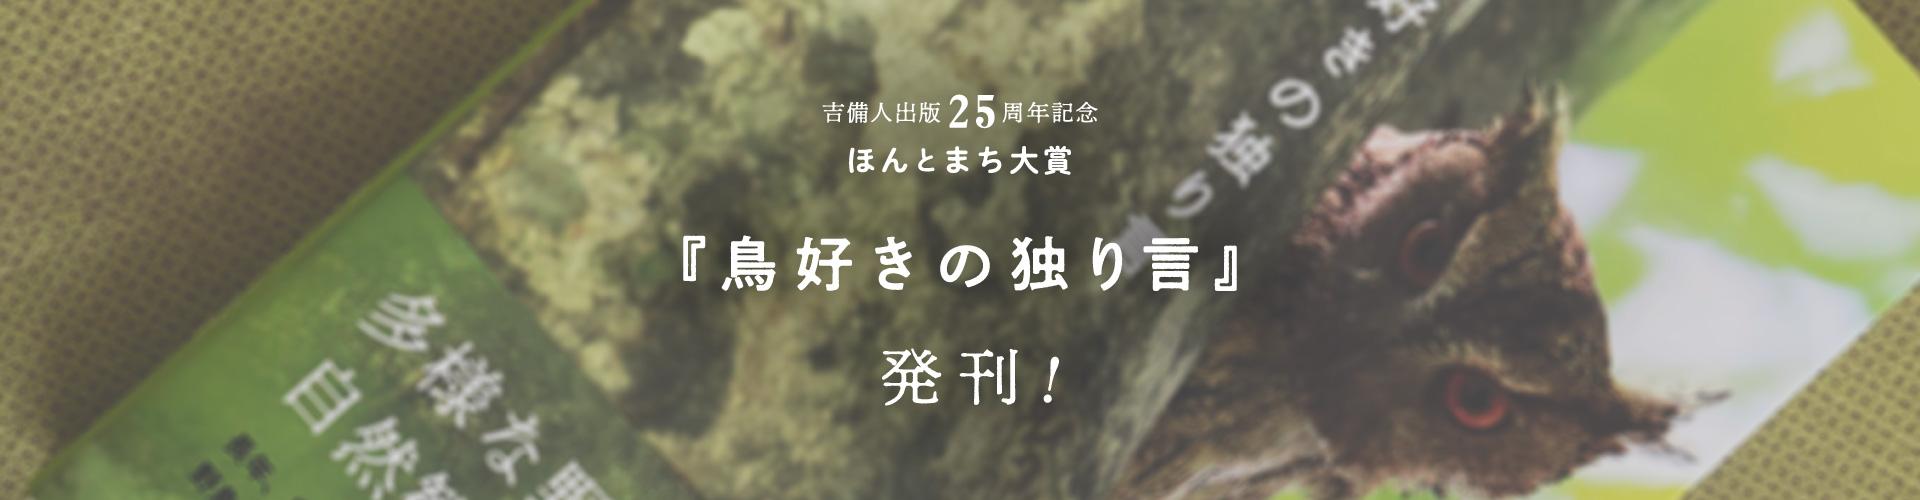 吉備人出版25周年記念ほんとまち大賞受賞作品『鳥好きの独り言』出来!